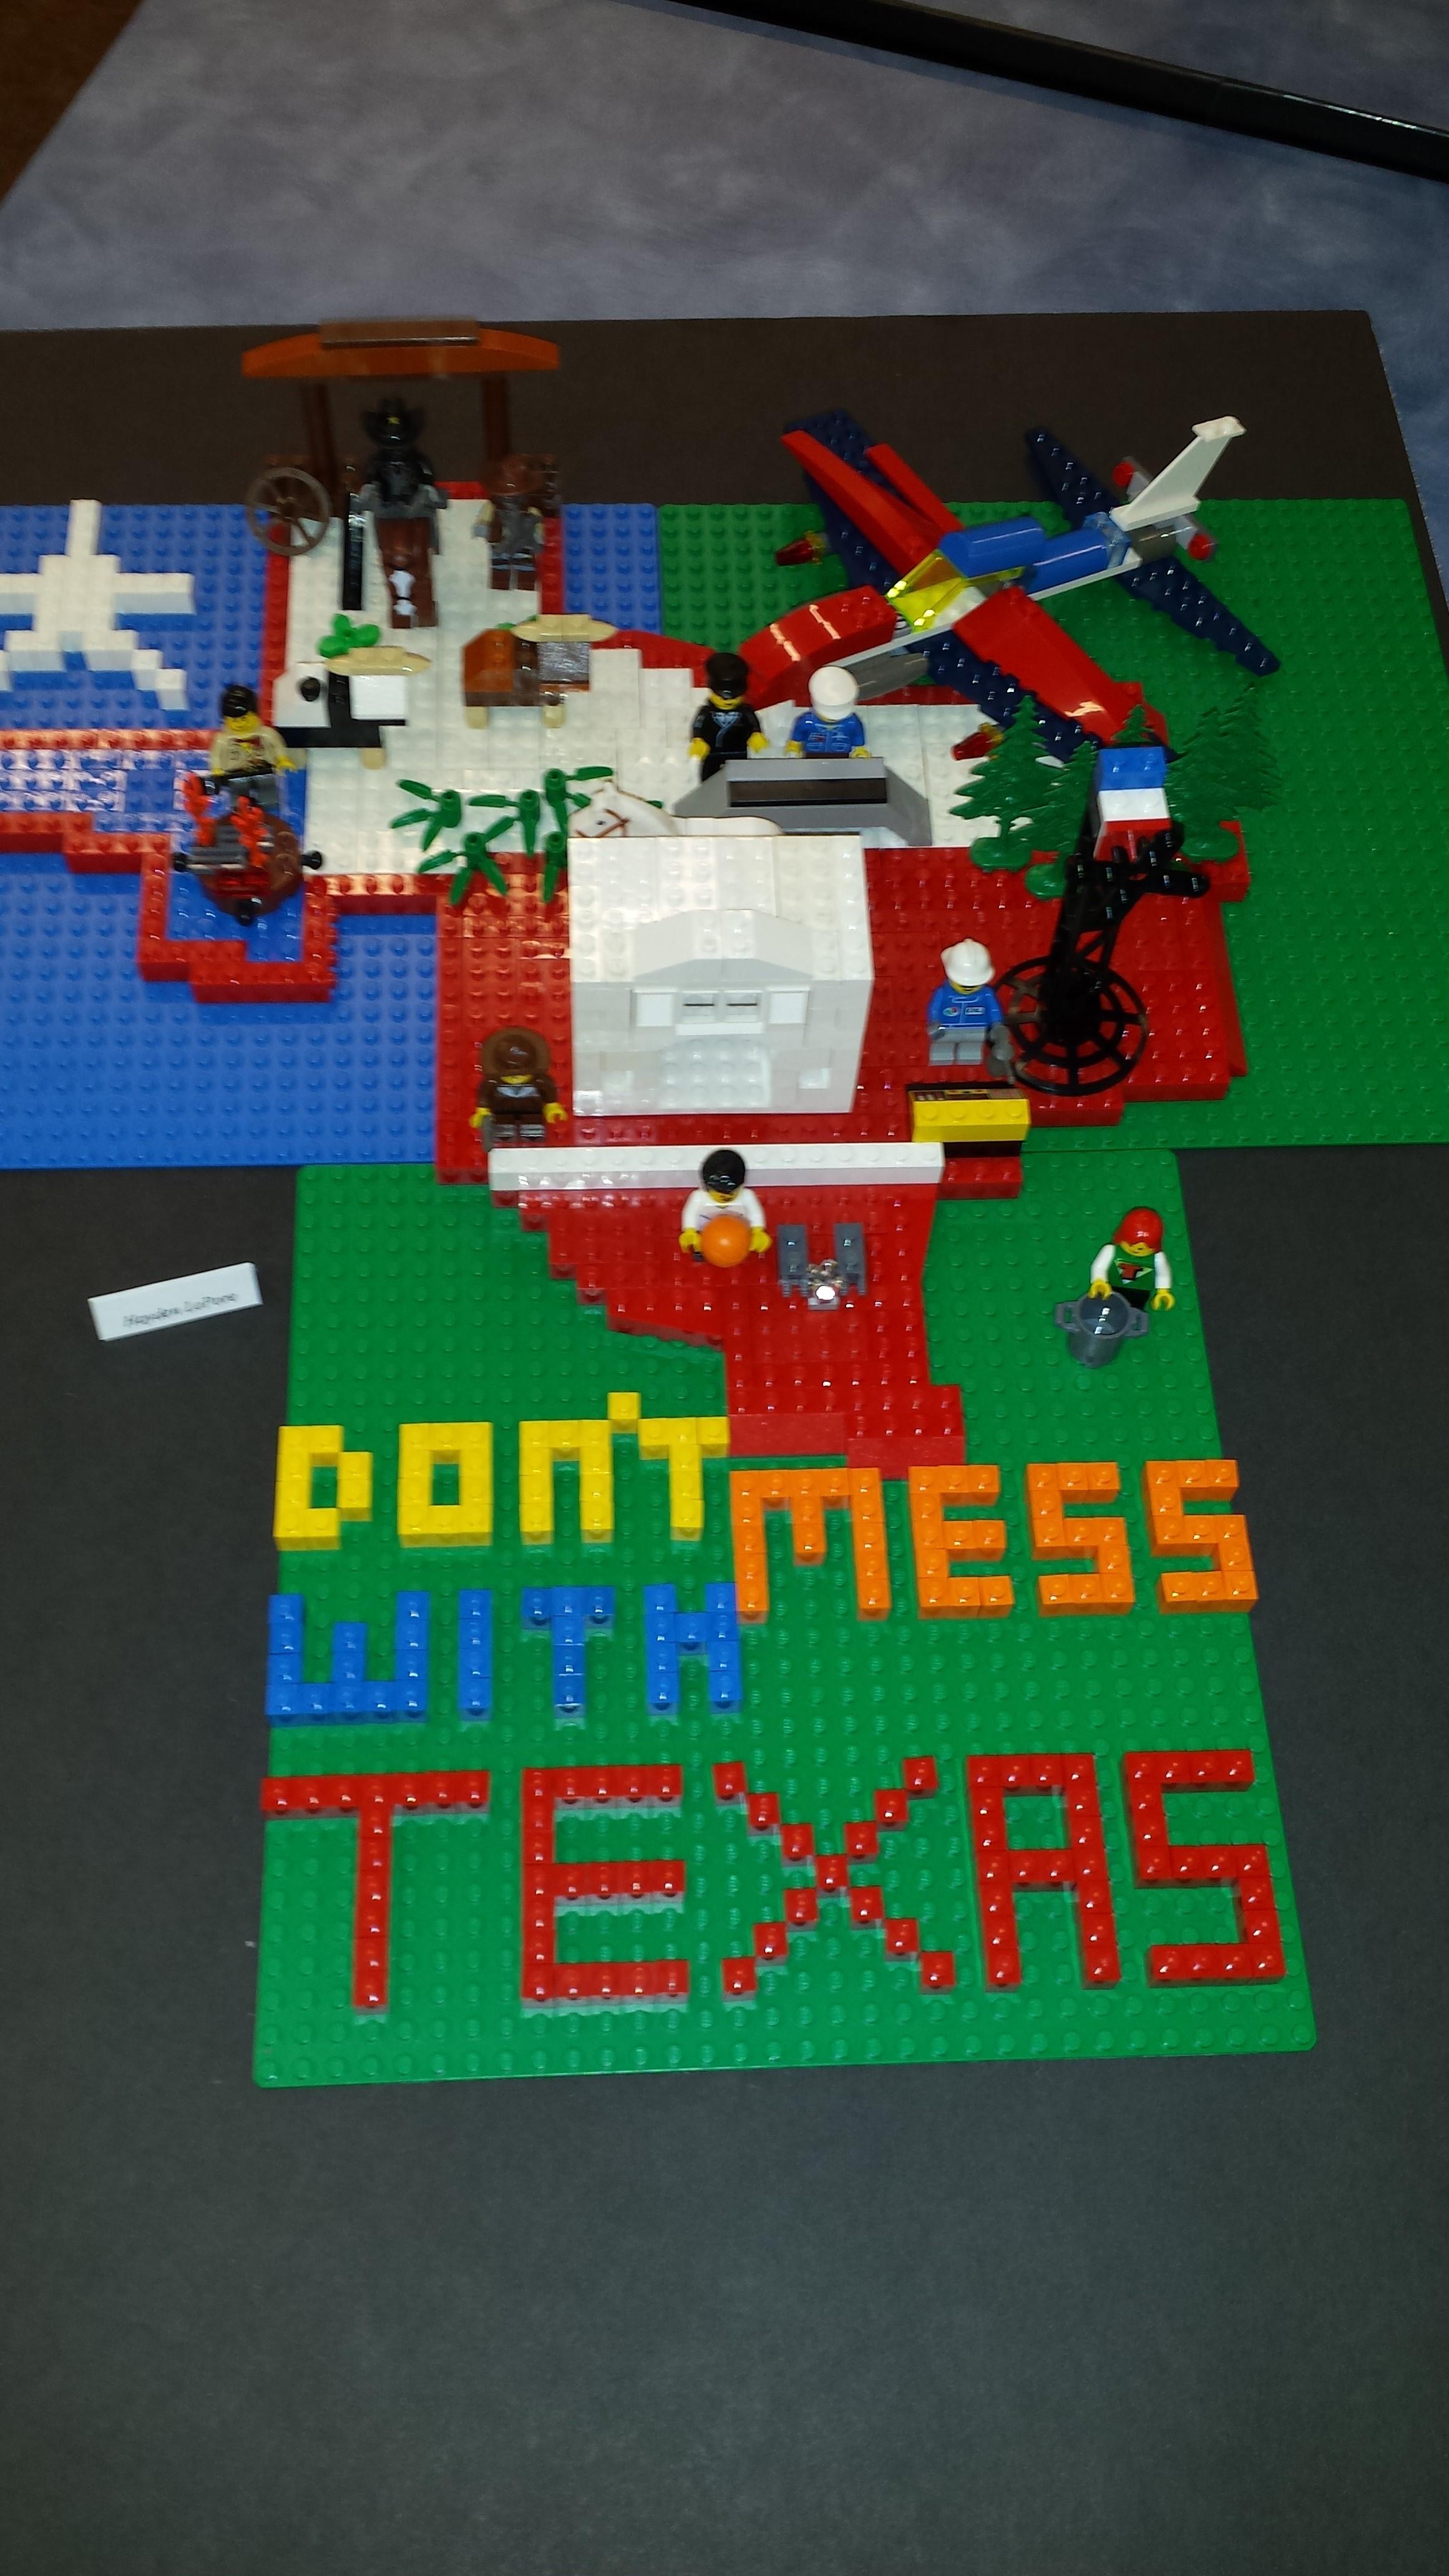 50 States of LEGO!